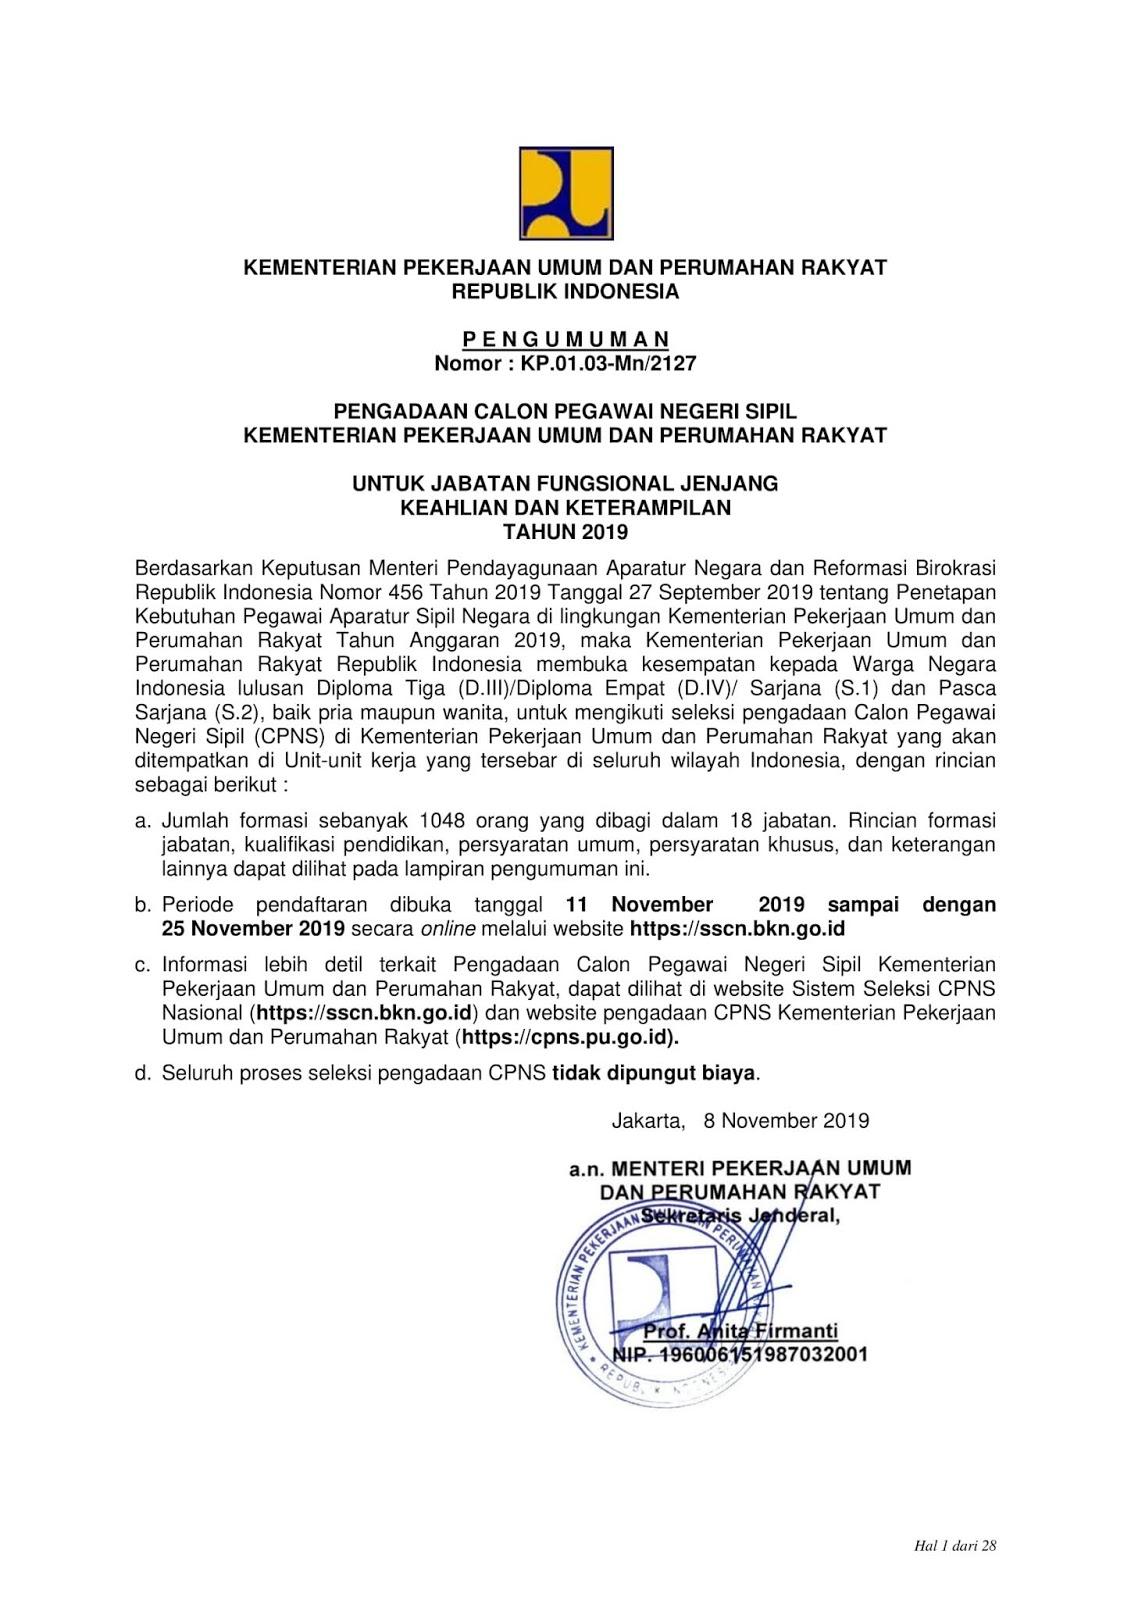 Lowongan CPNS Kementerian Pekerjaan Umum dan Perumahan Rakyat Tahun Anggaran 2019 [1048 Formasi]